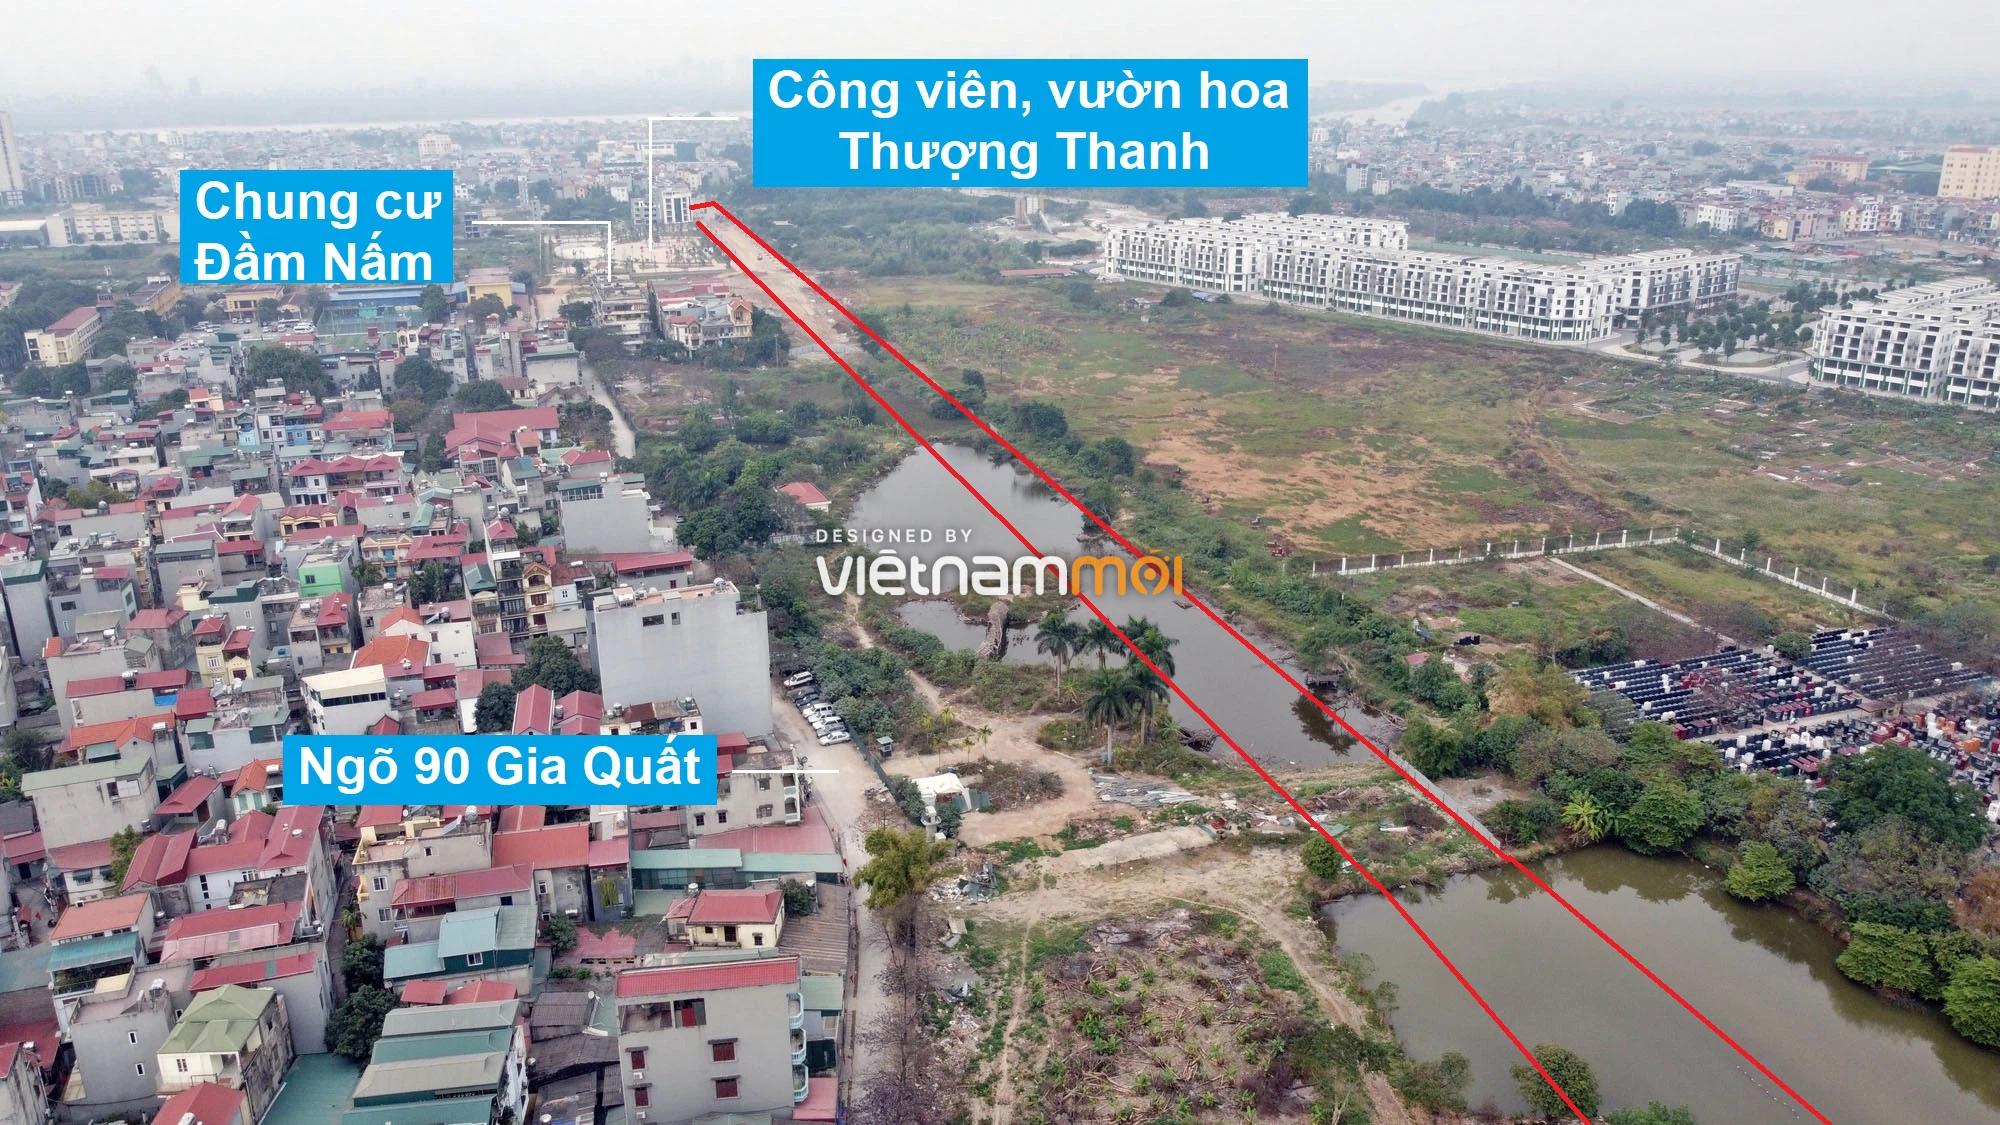 Những khu đất sắp thu hồi để mở đường ở phường Thượng Thanh, Long Biên, Hà Nội (phần 2) - Ảnh 4.